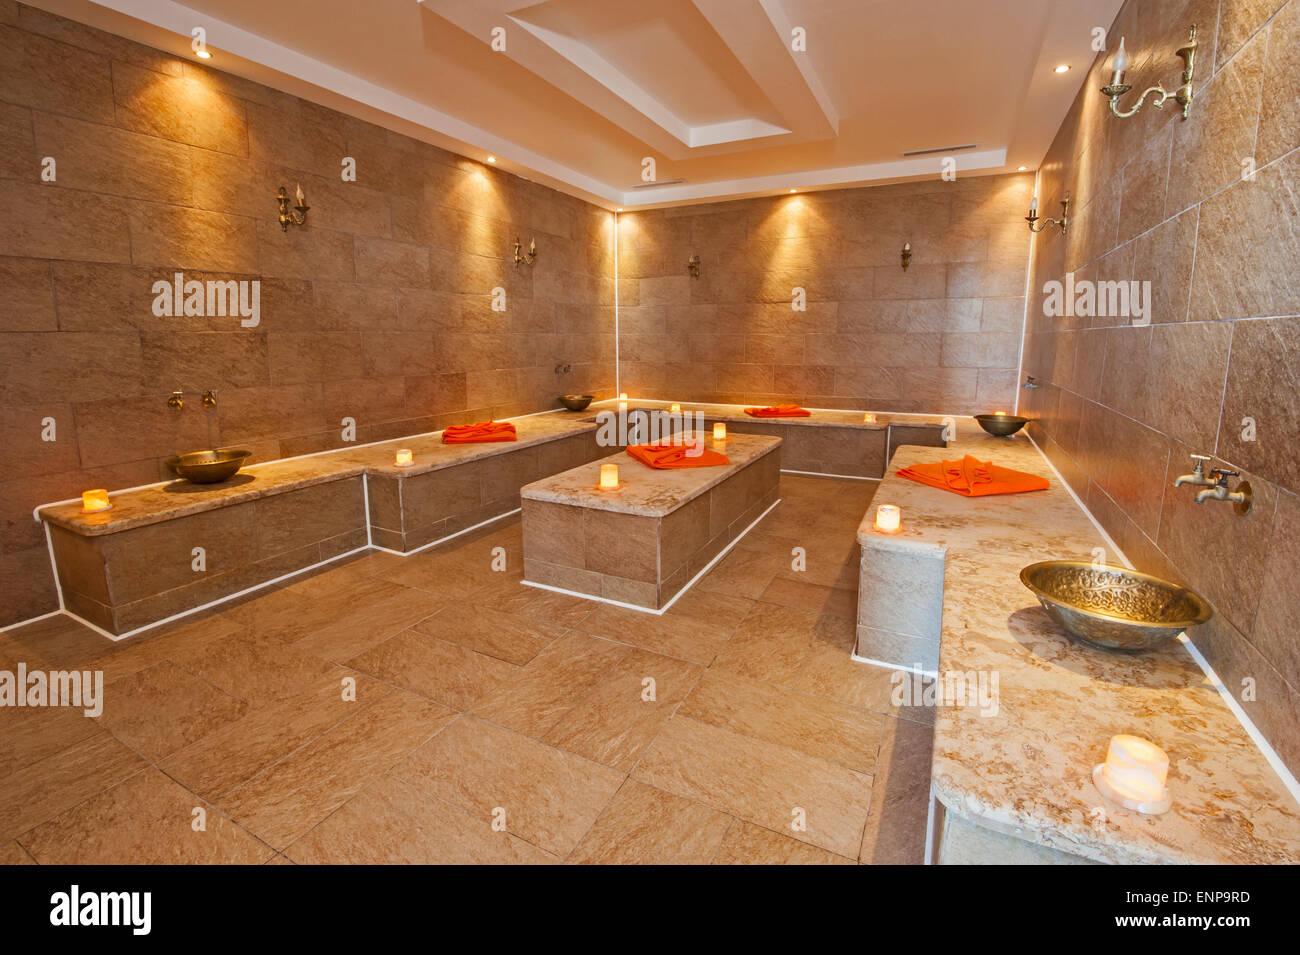 Interior Design Of Turkish Baths In Luxury Health Spa